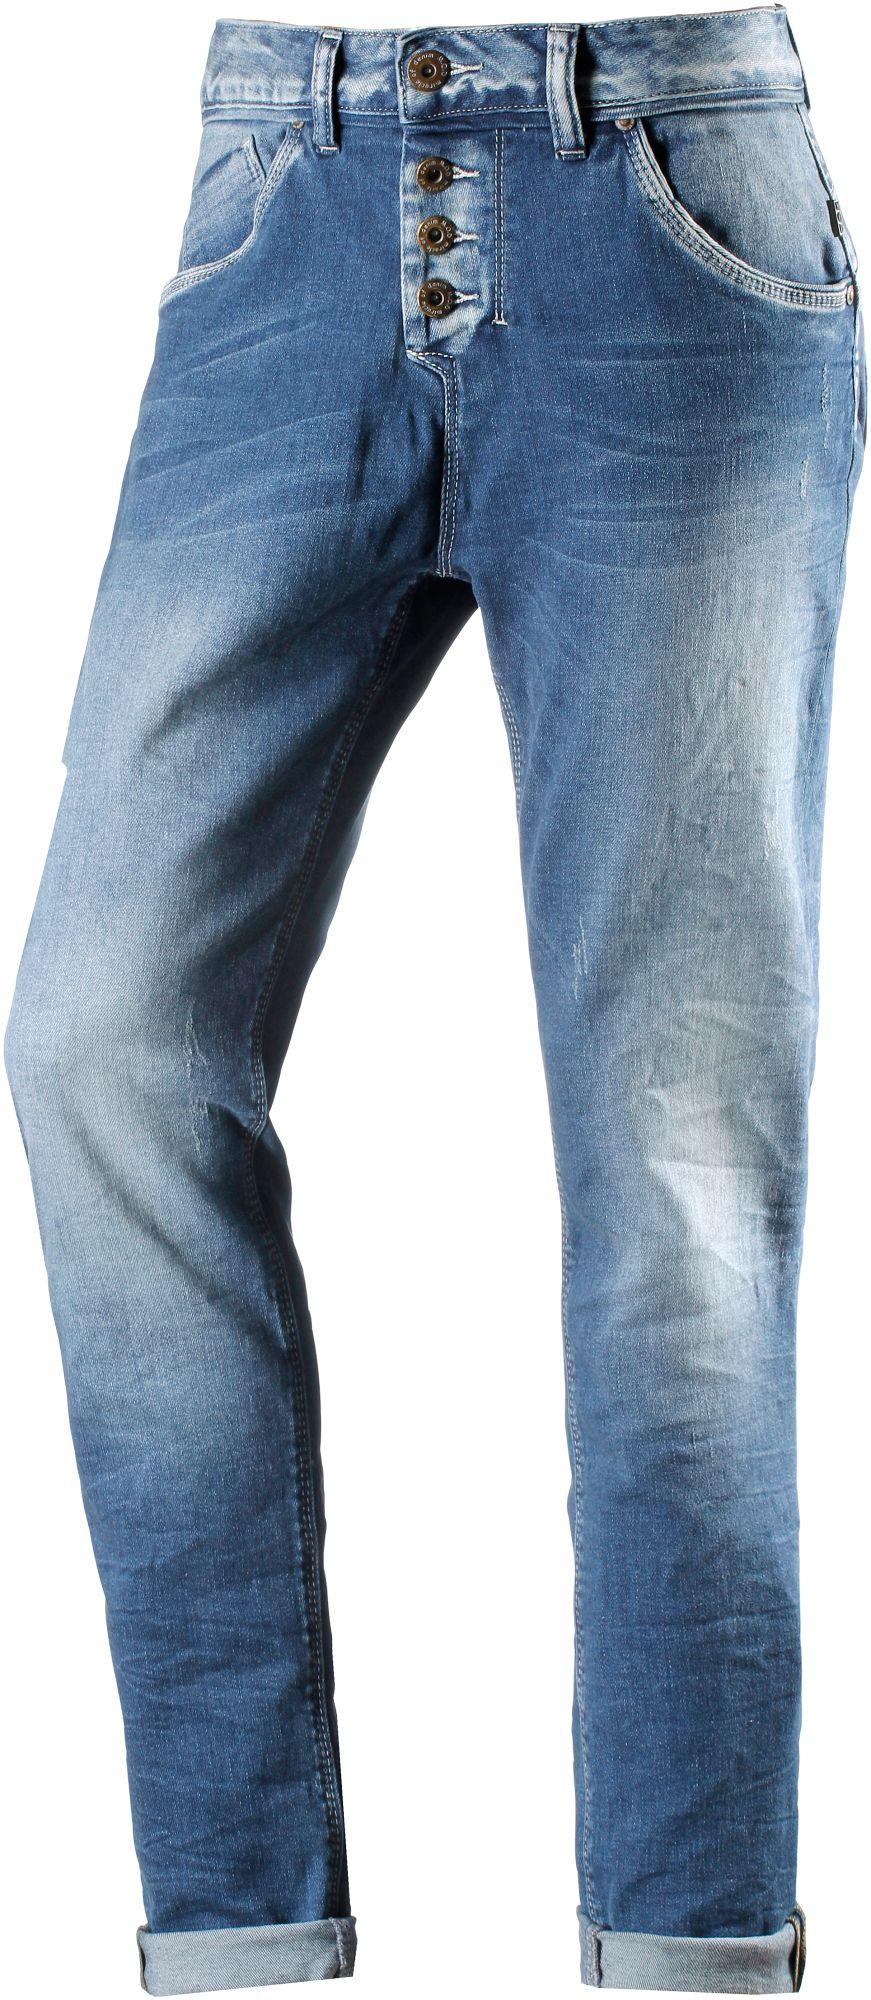 Iliana Boyfriend Boyfriend Jeans Damen in blau, Größe 27 / 32